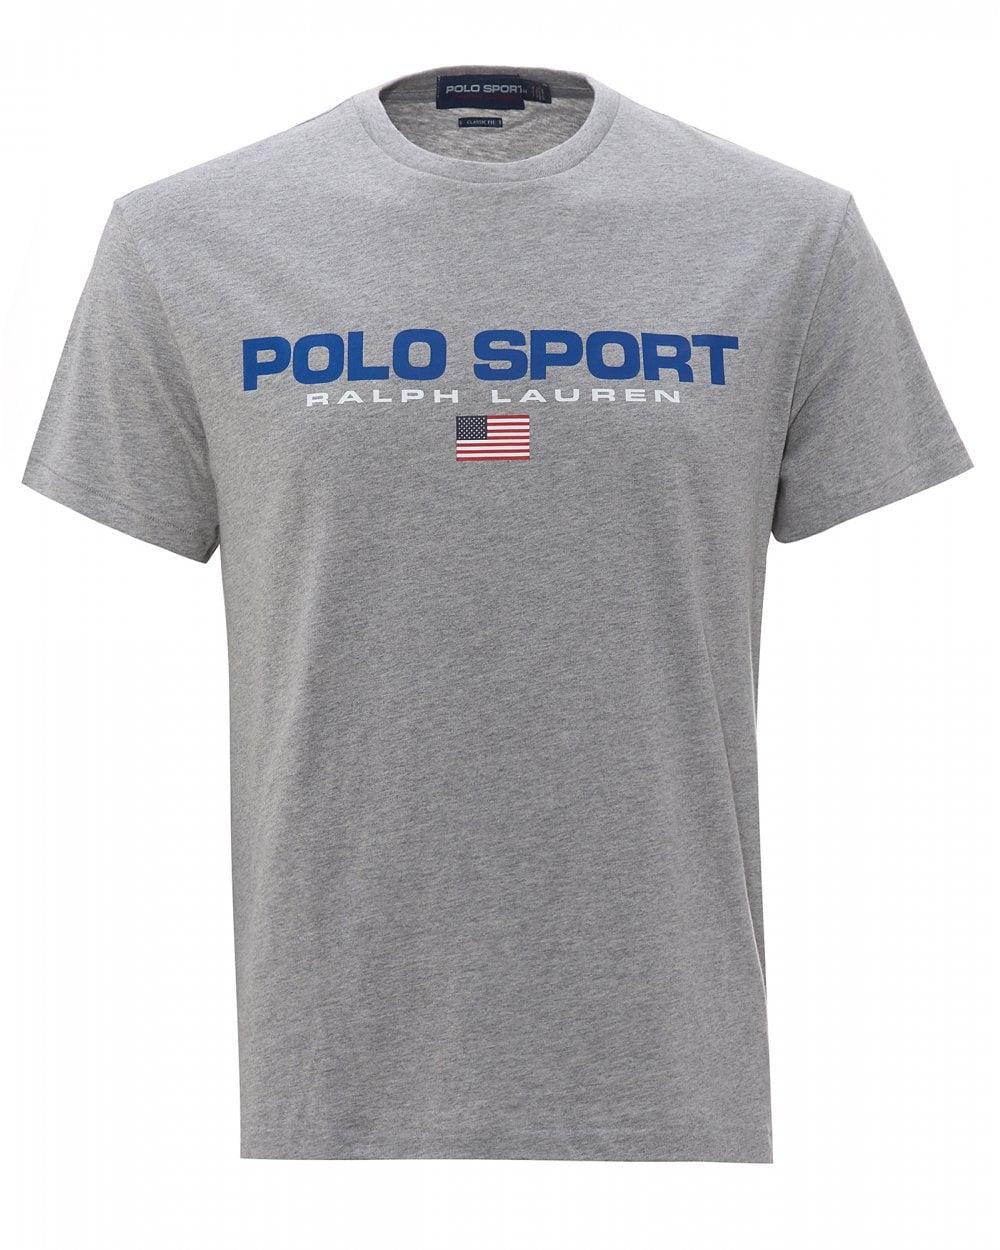 Ralph Lauren Mens Polo Sport T-Shirt, Grey